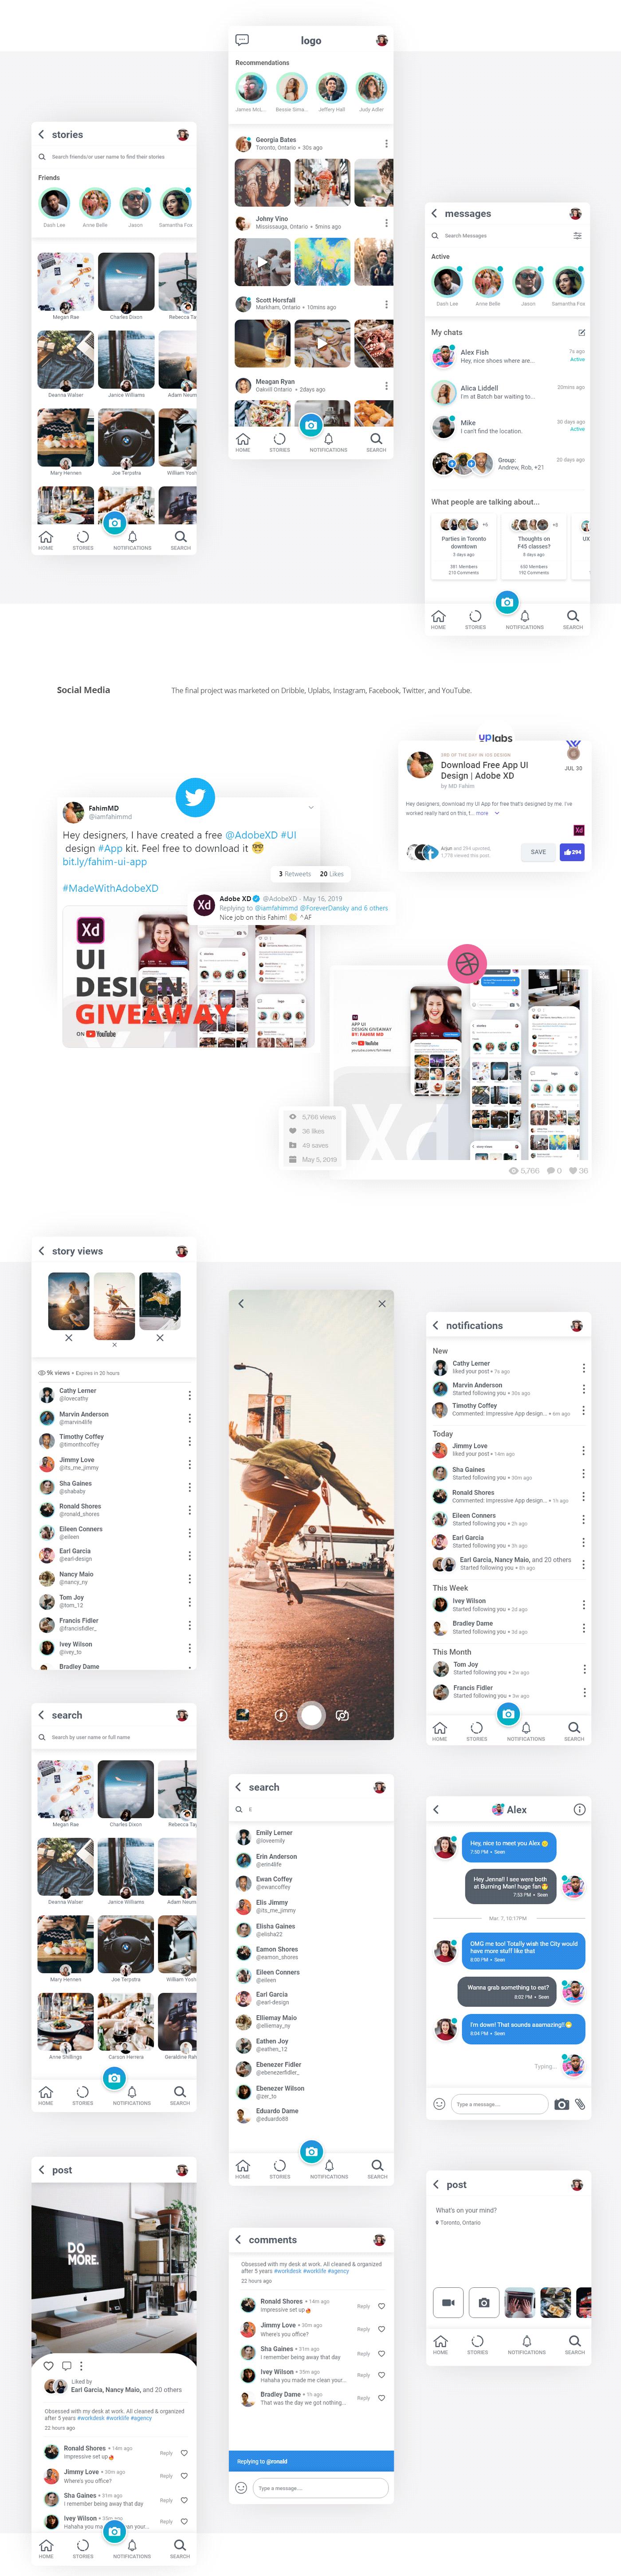 Social Free UI Kit - Elegant and clean App design.